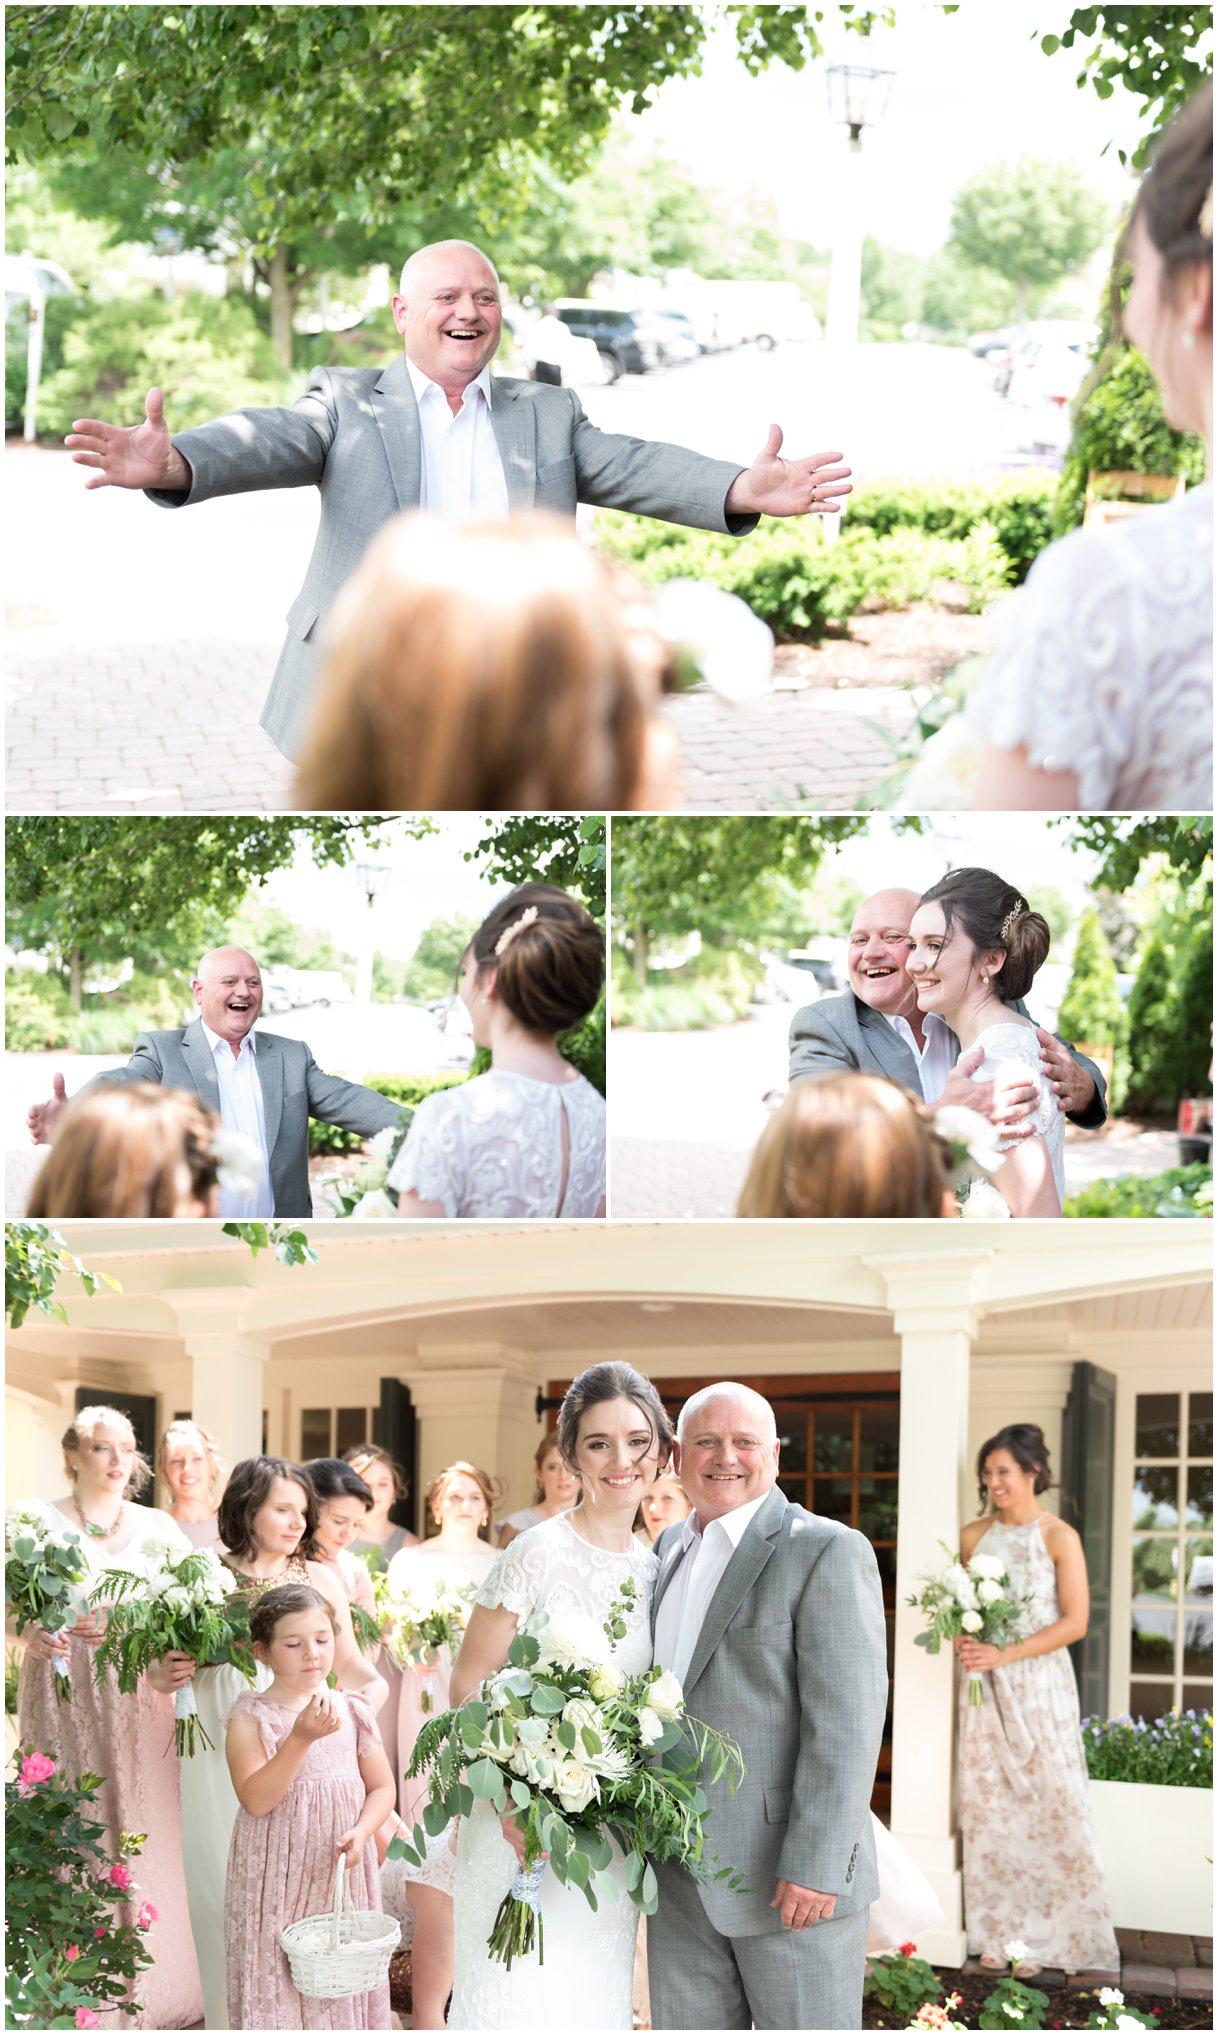 leolainn-lancasterwedding-photographer-photography-outdoor-wedding-fatherofbride-photo